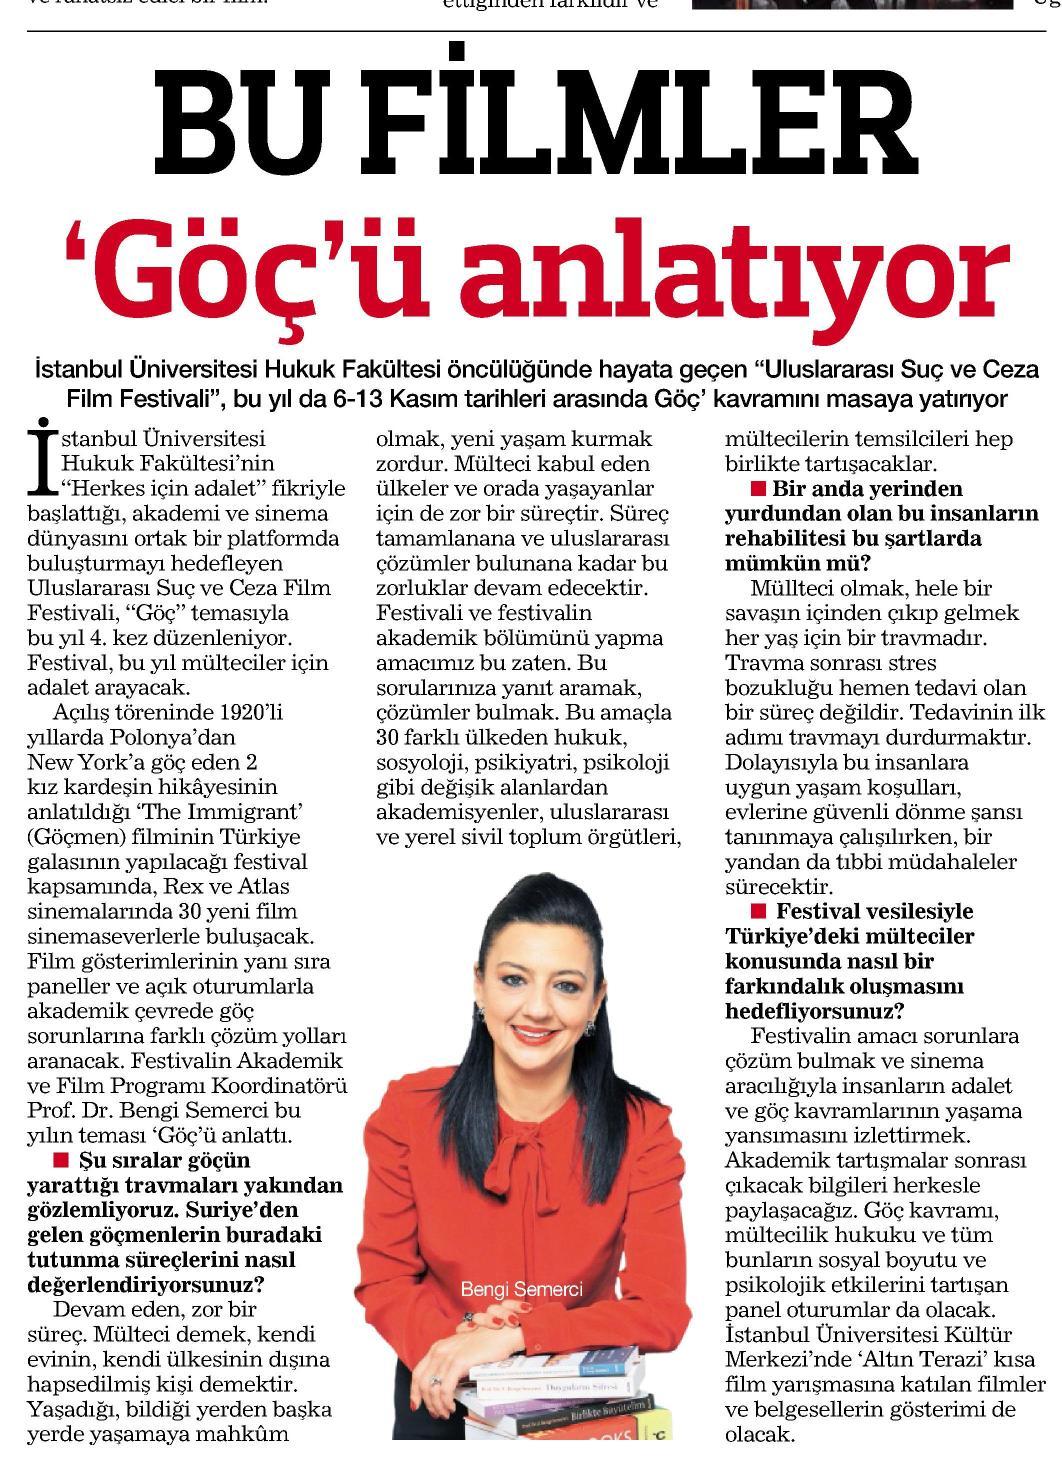 Bu filmler göçü anlatıyor - HABERTÜRK PAZAR 02.11.2014